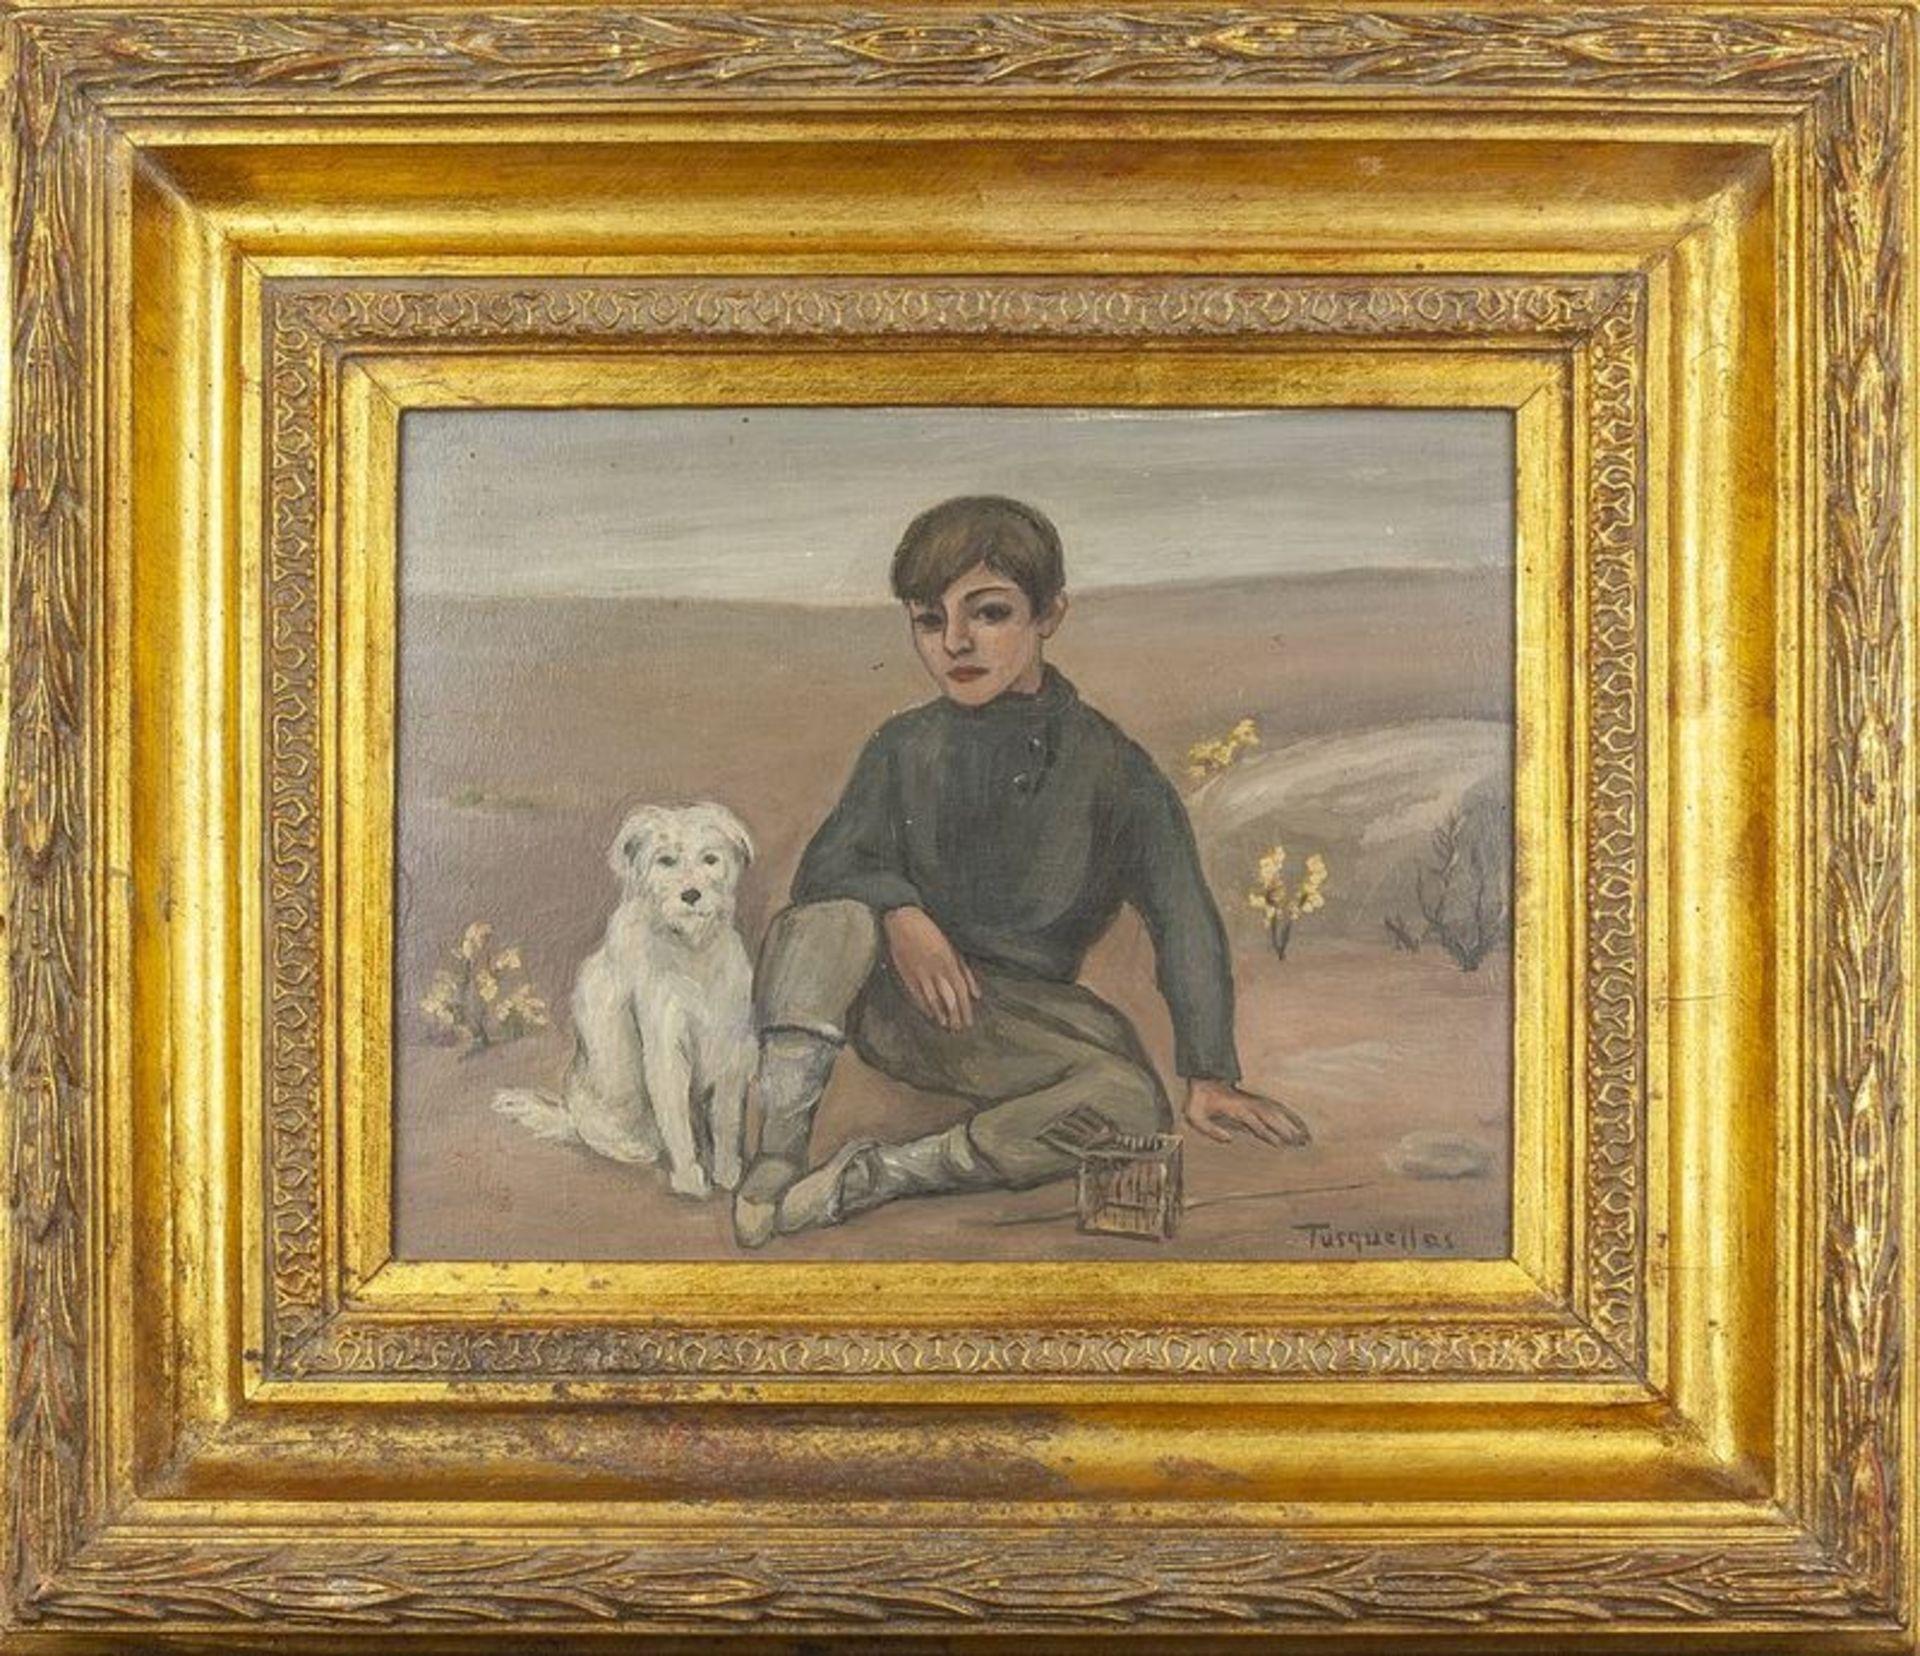 Los 594 - MIGUEL TUSQUELLAS CORBELLA (1884-1969) Contemplation - Signed 'Tusquellas', [...]